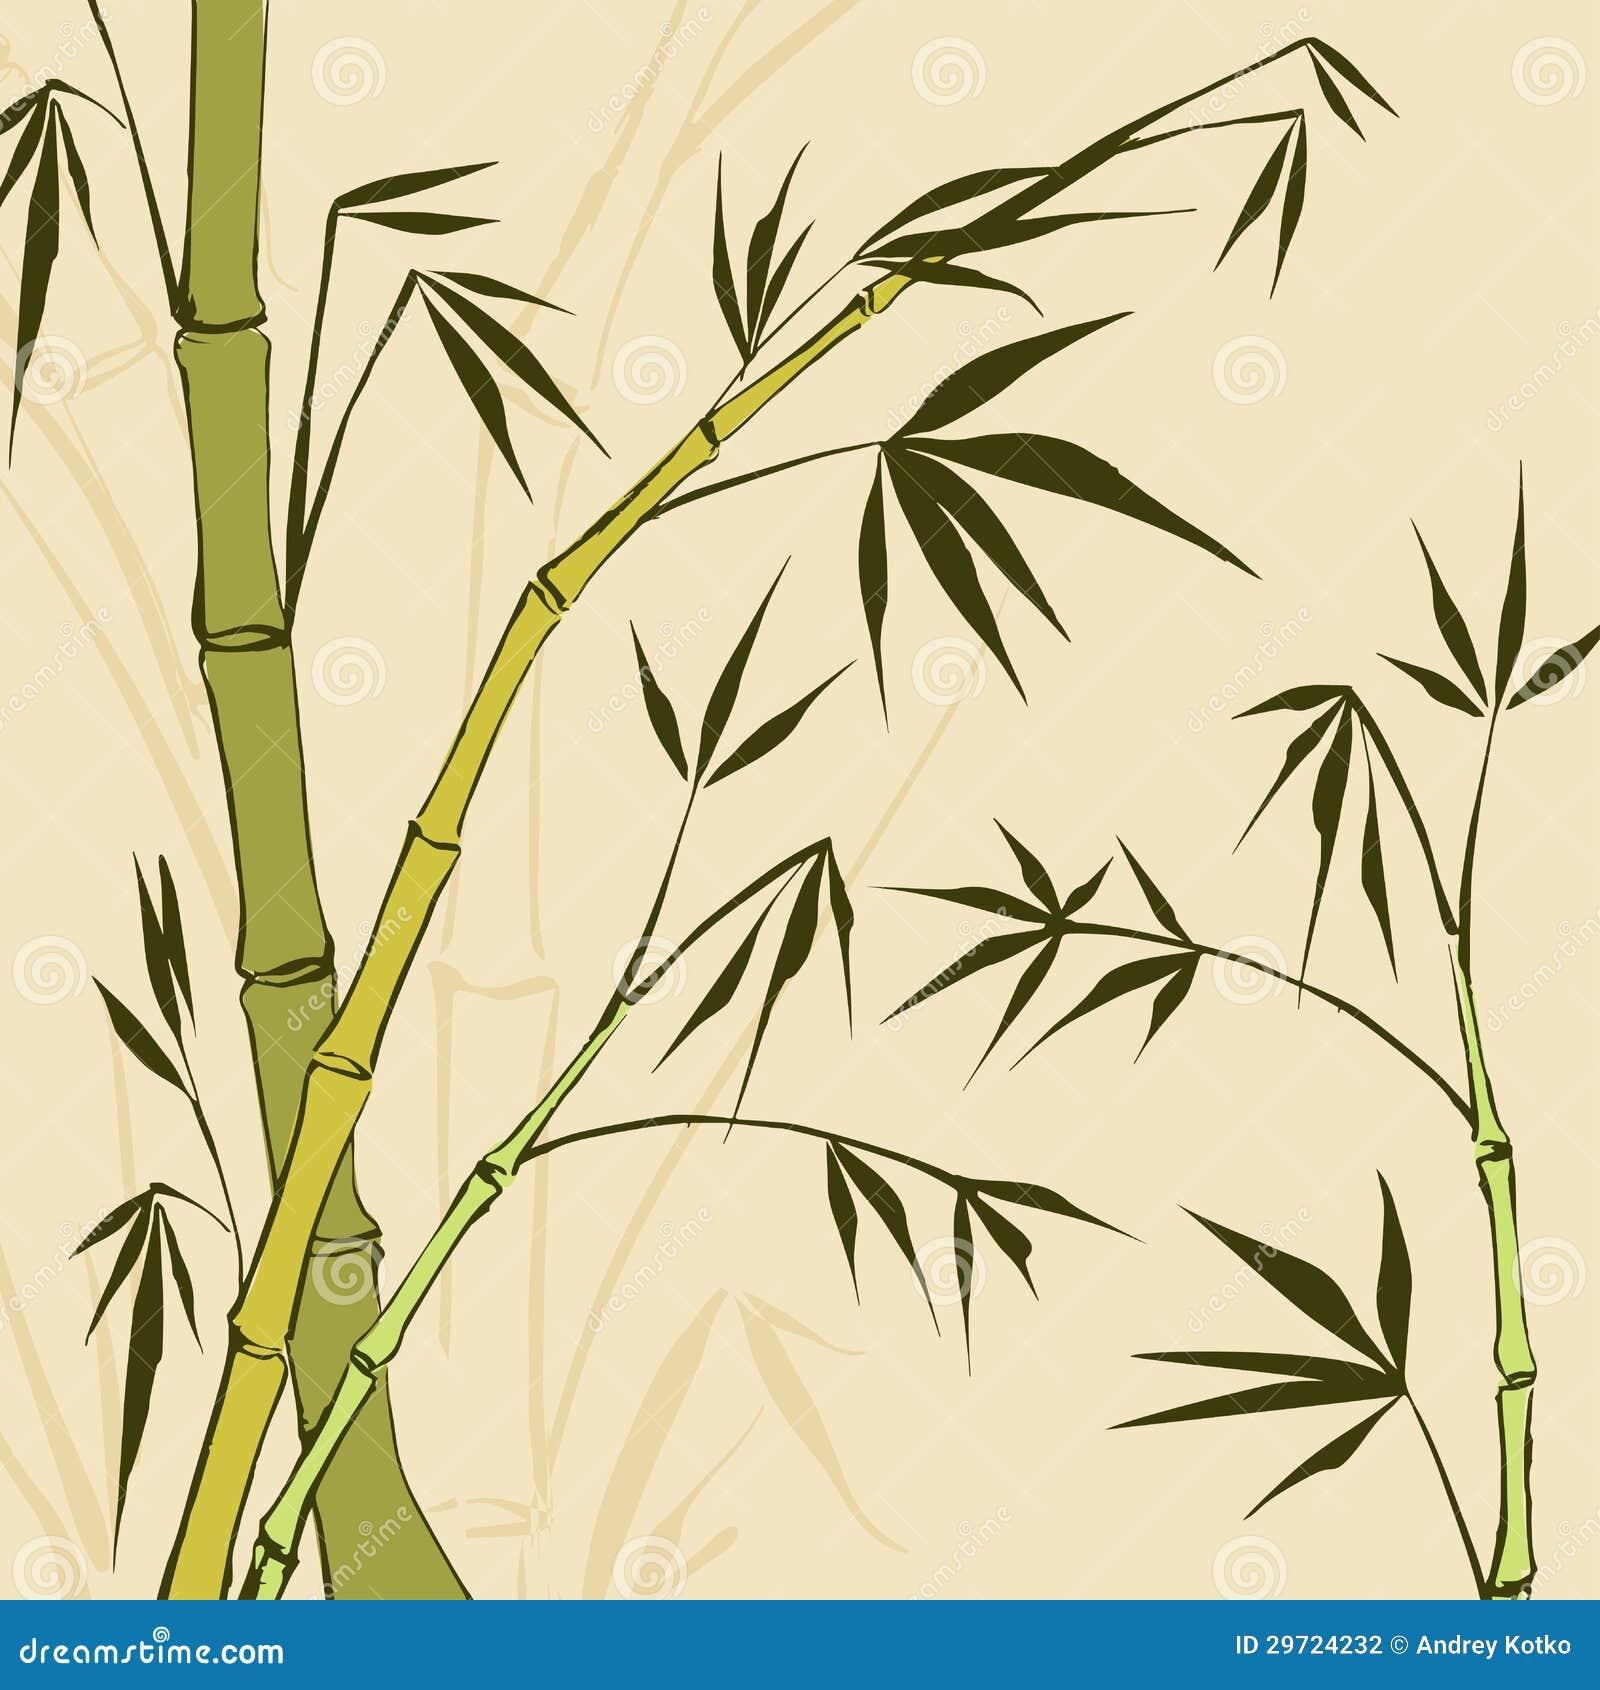 bamboo drawing - photo #12